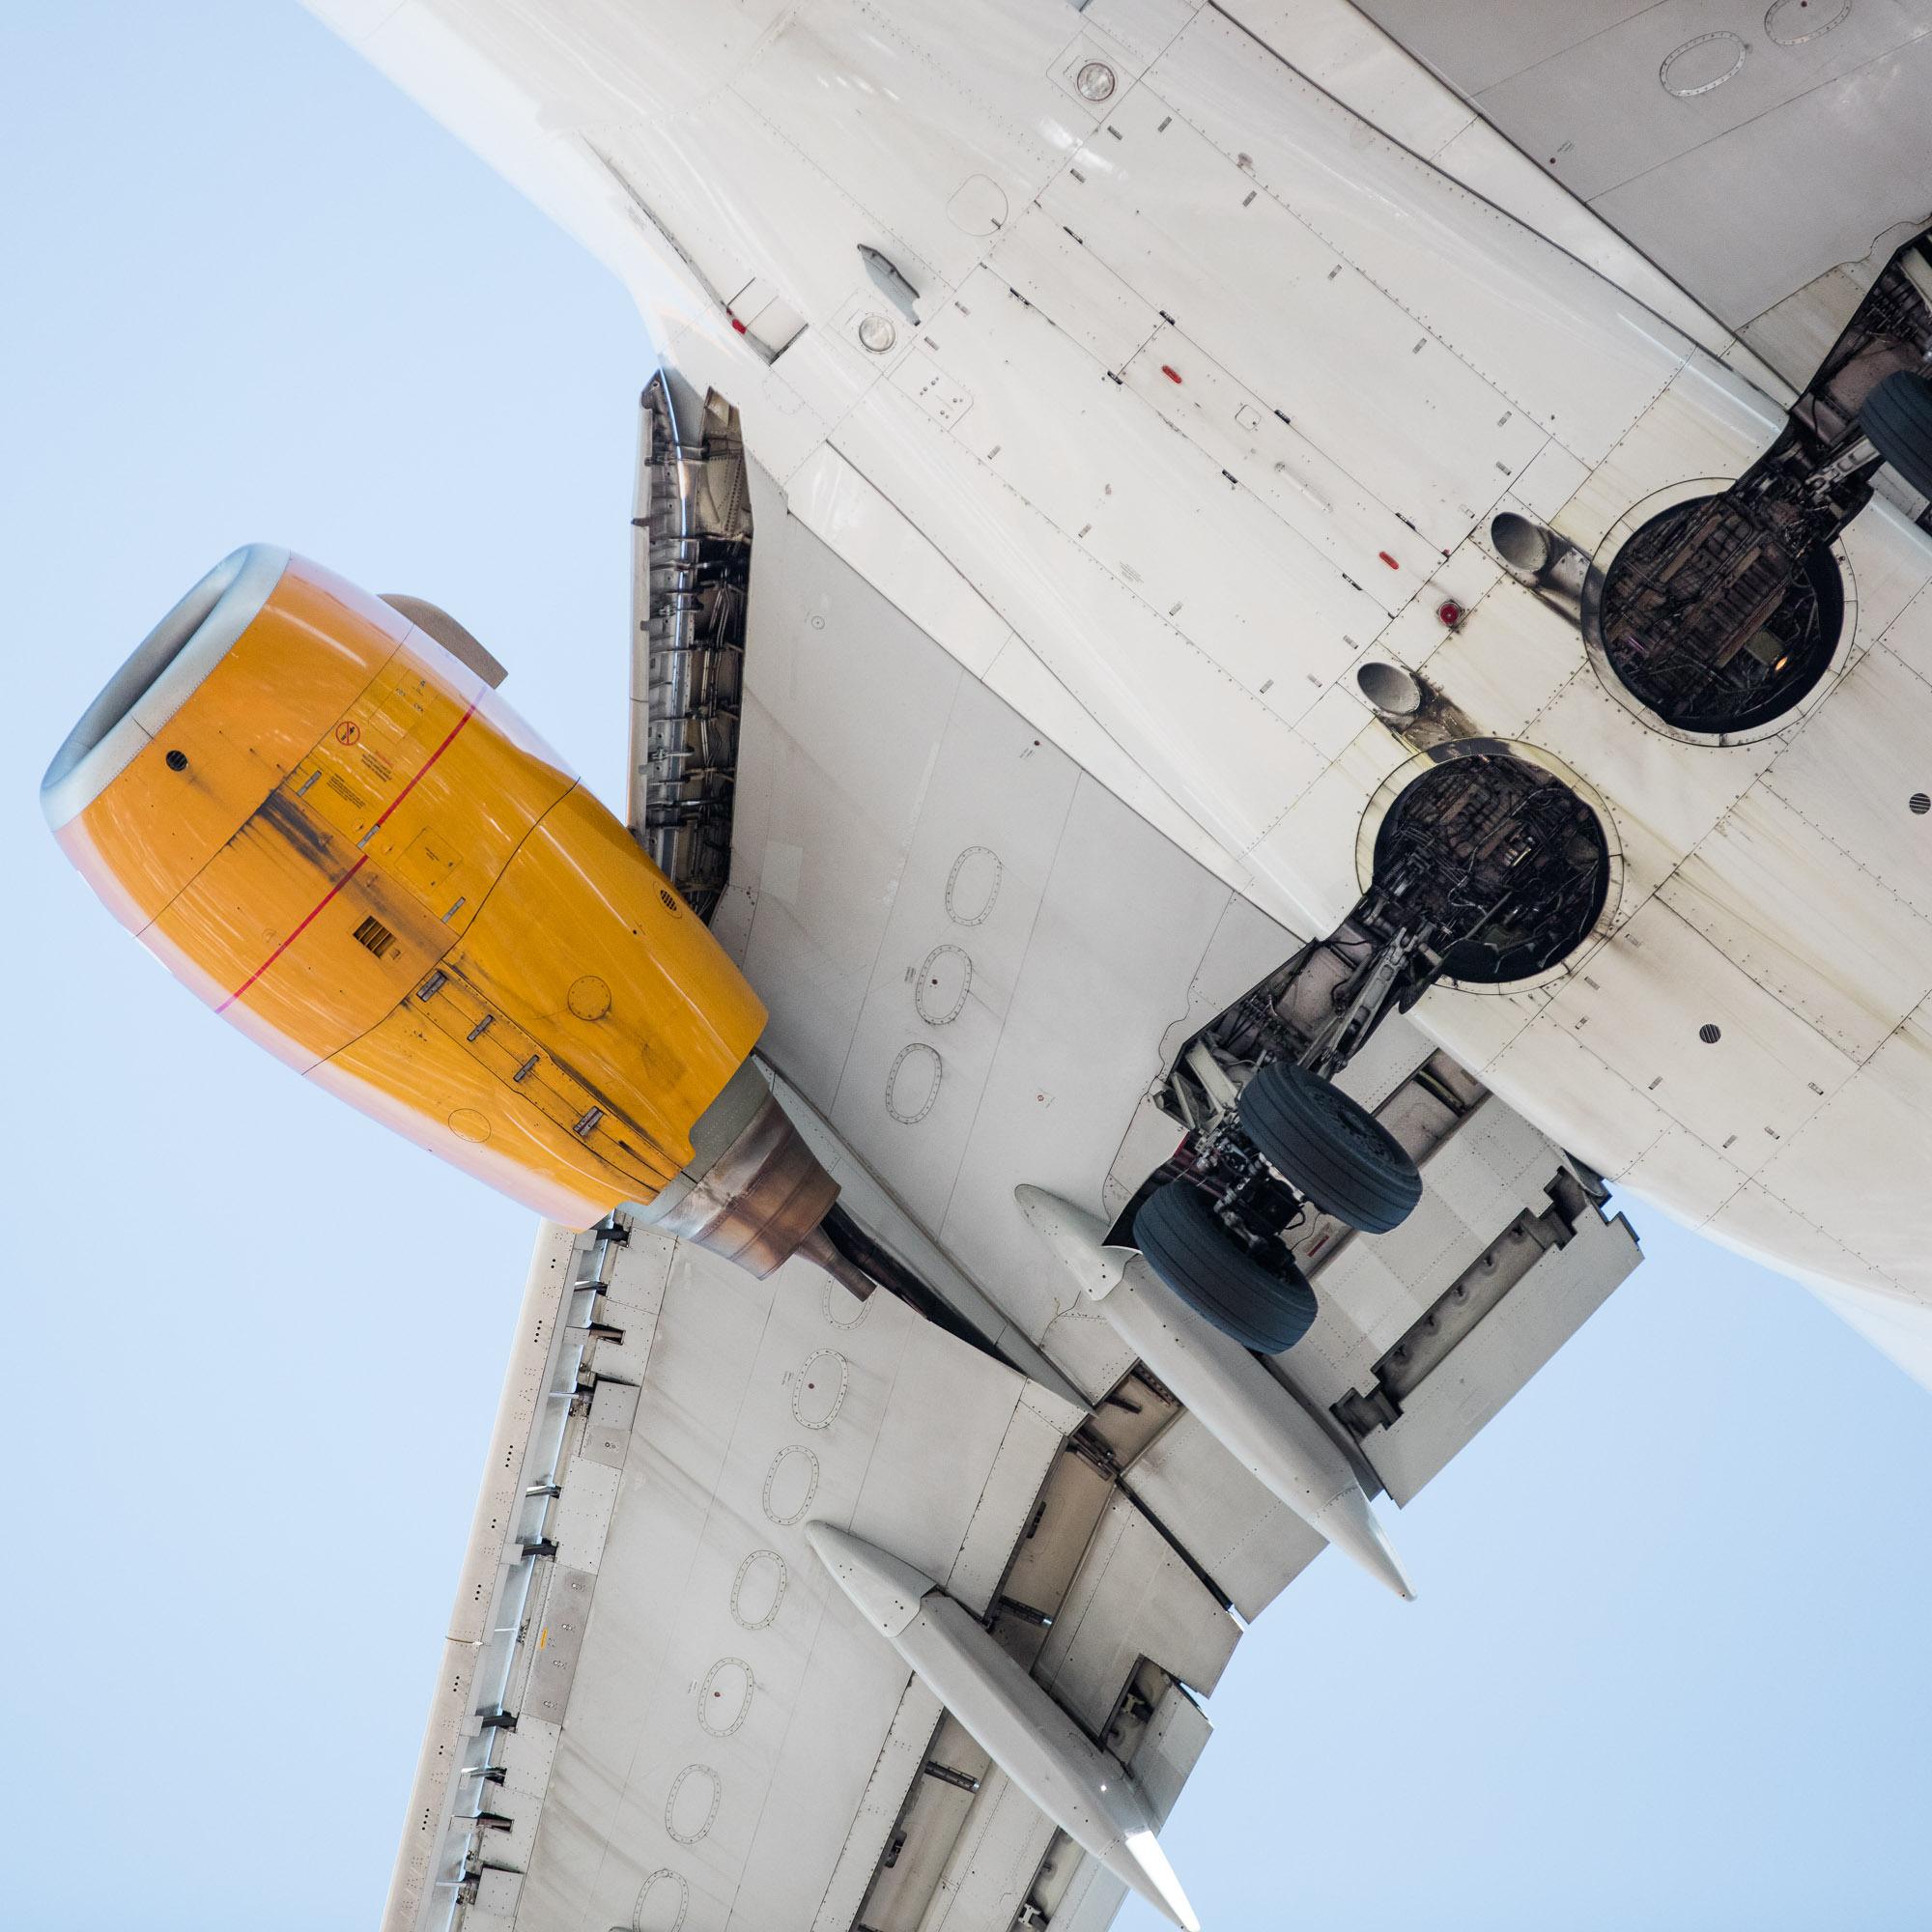 mike-kelley-final-approach-aviation-13.jpg